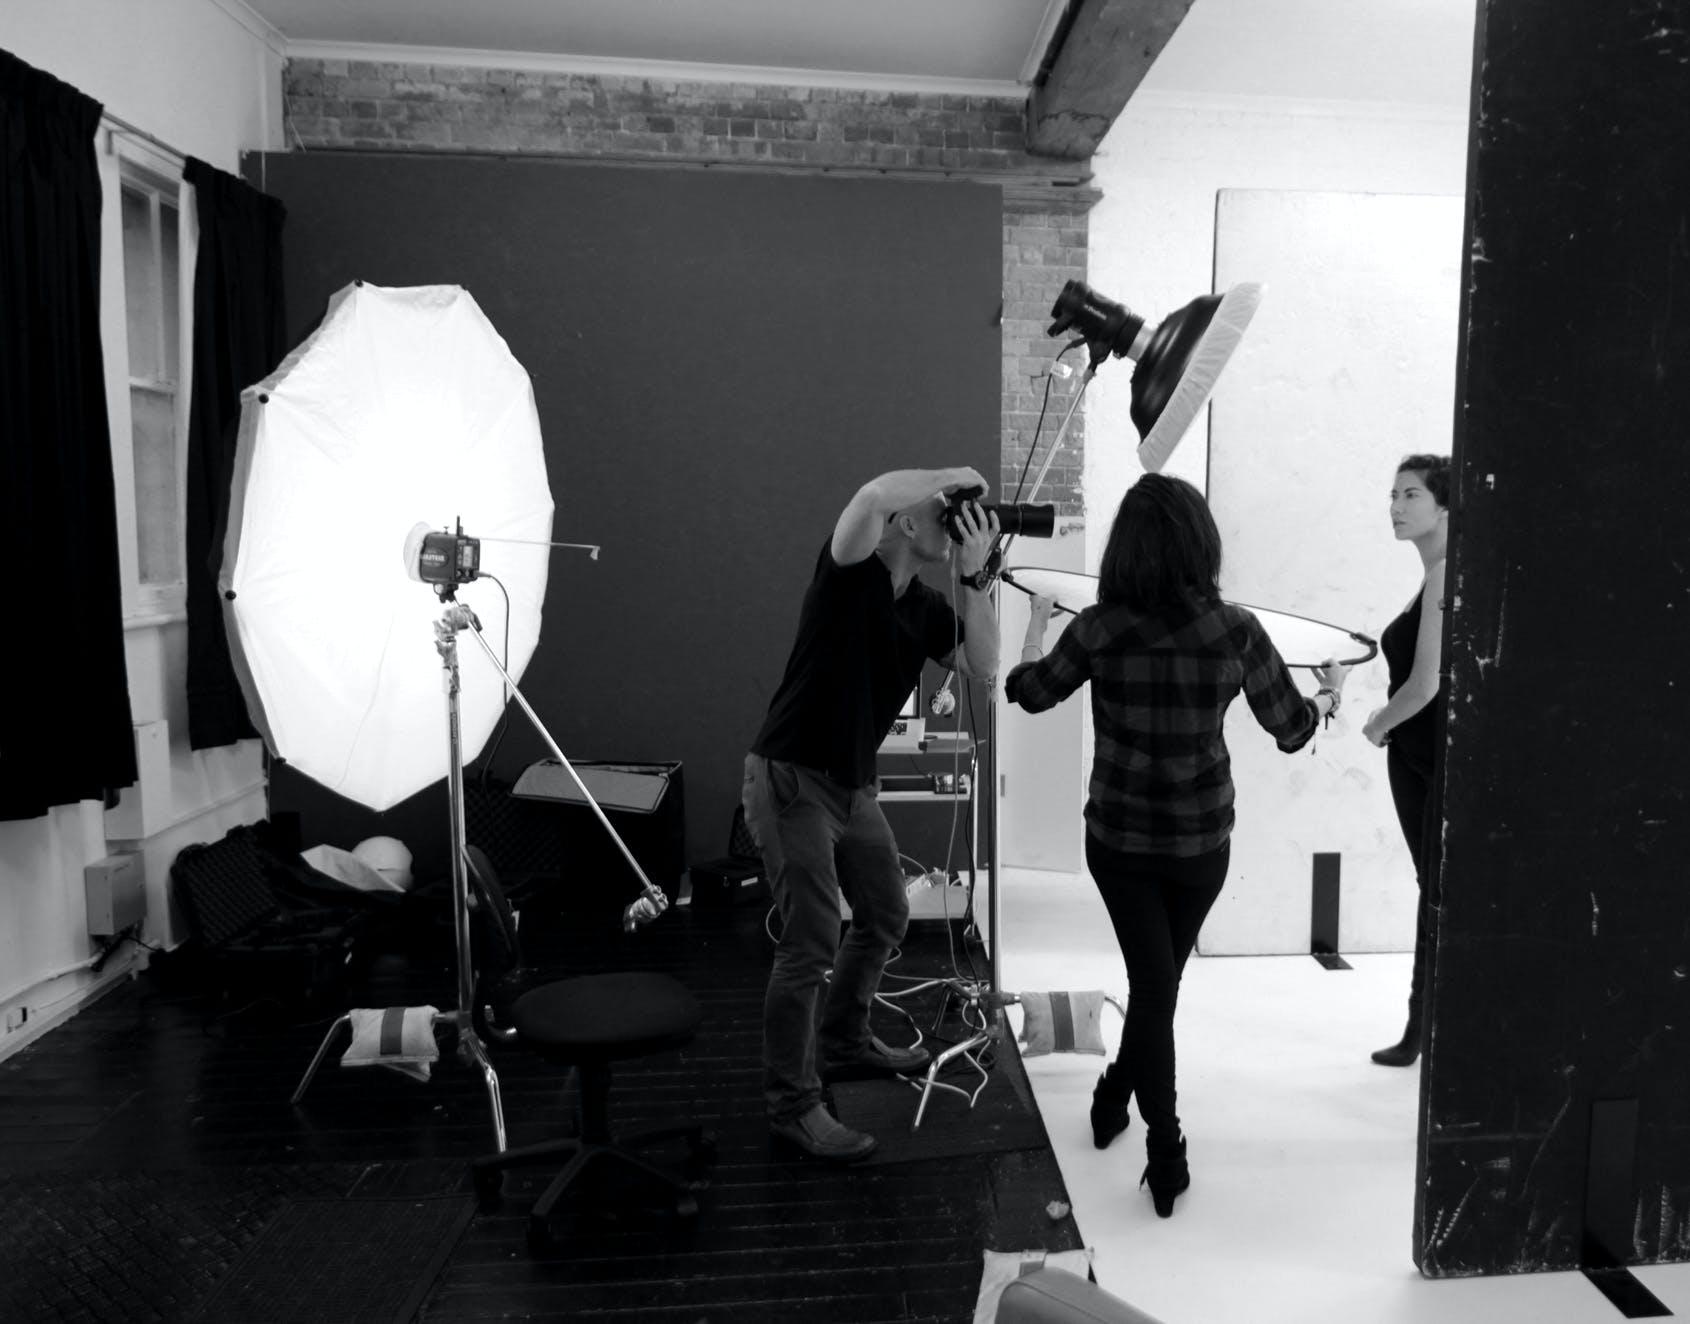 Photography Studio, creative studio at Black Door Studio, image 6